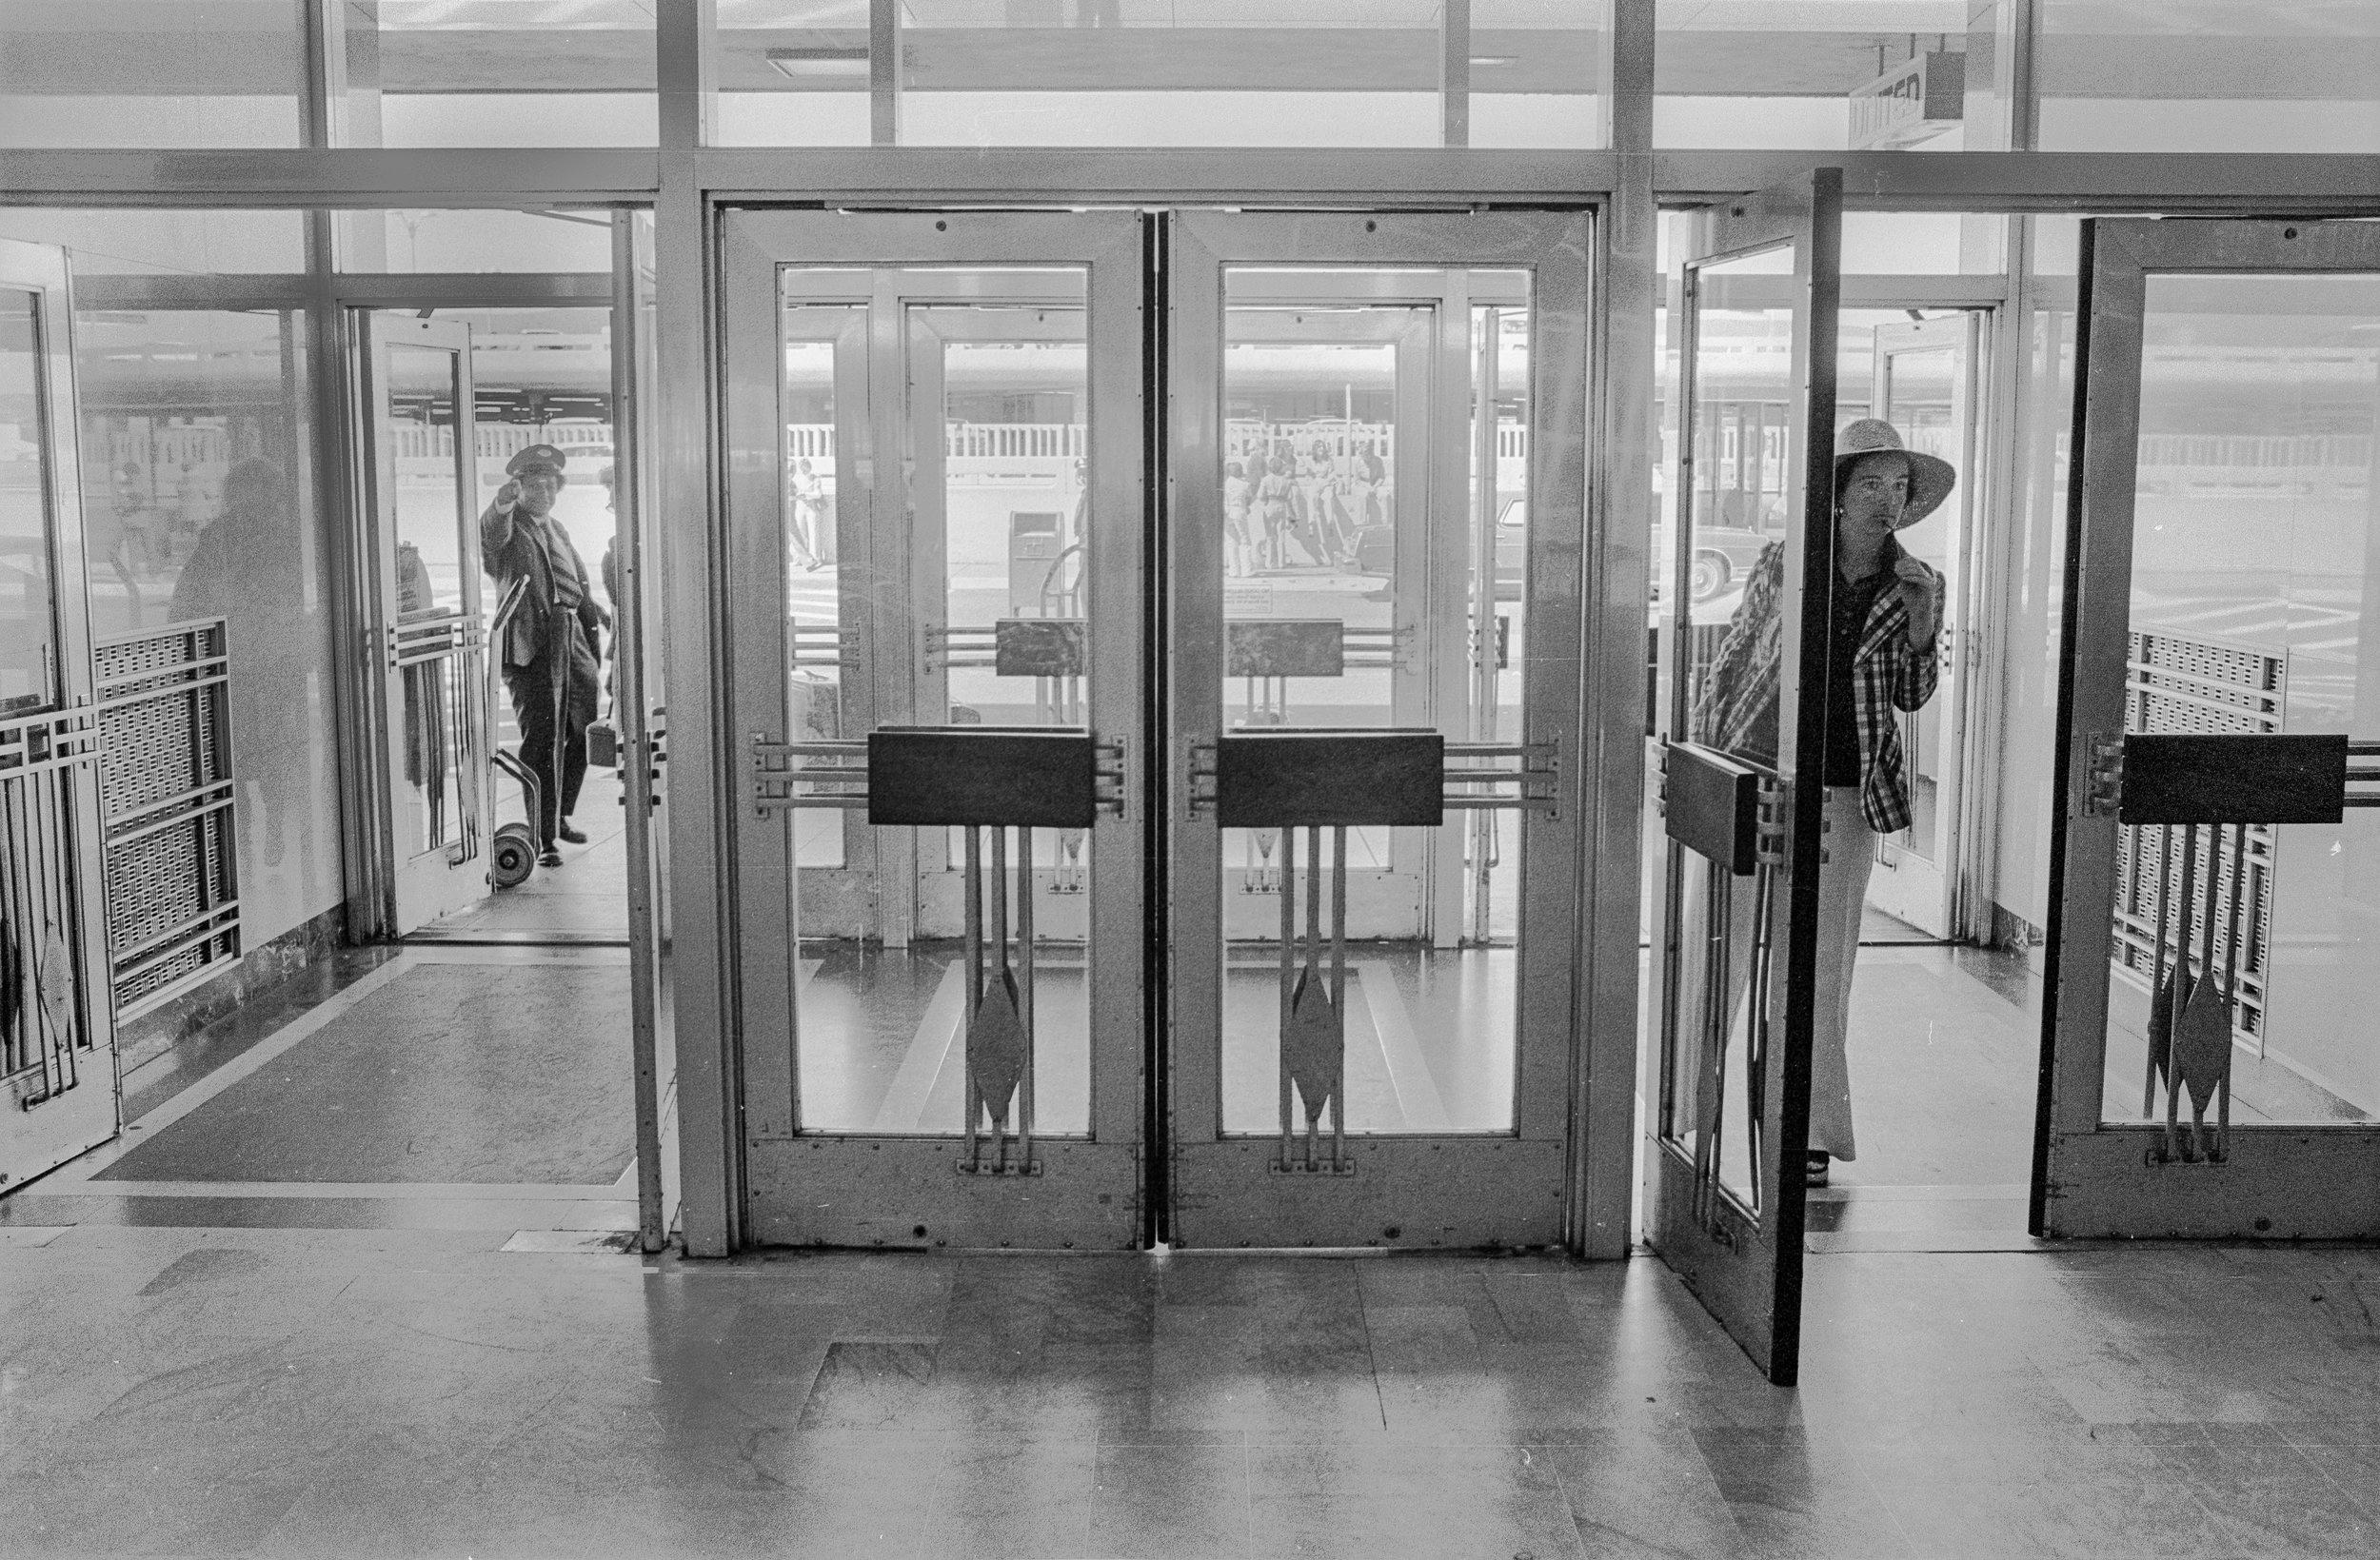 San Francisco Airport, 1973